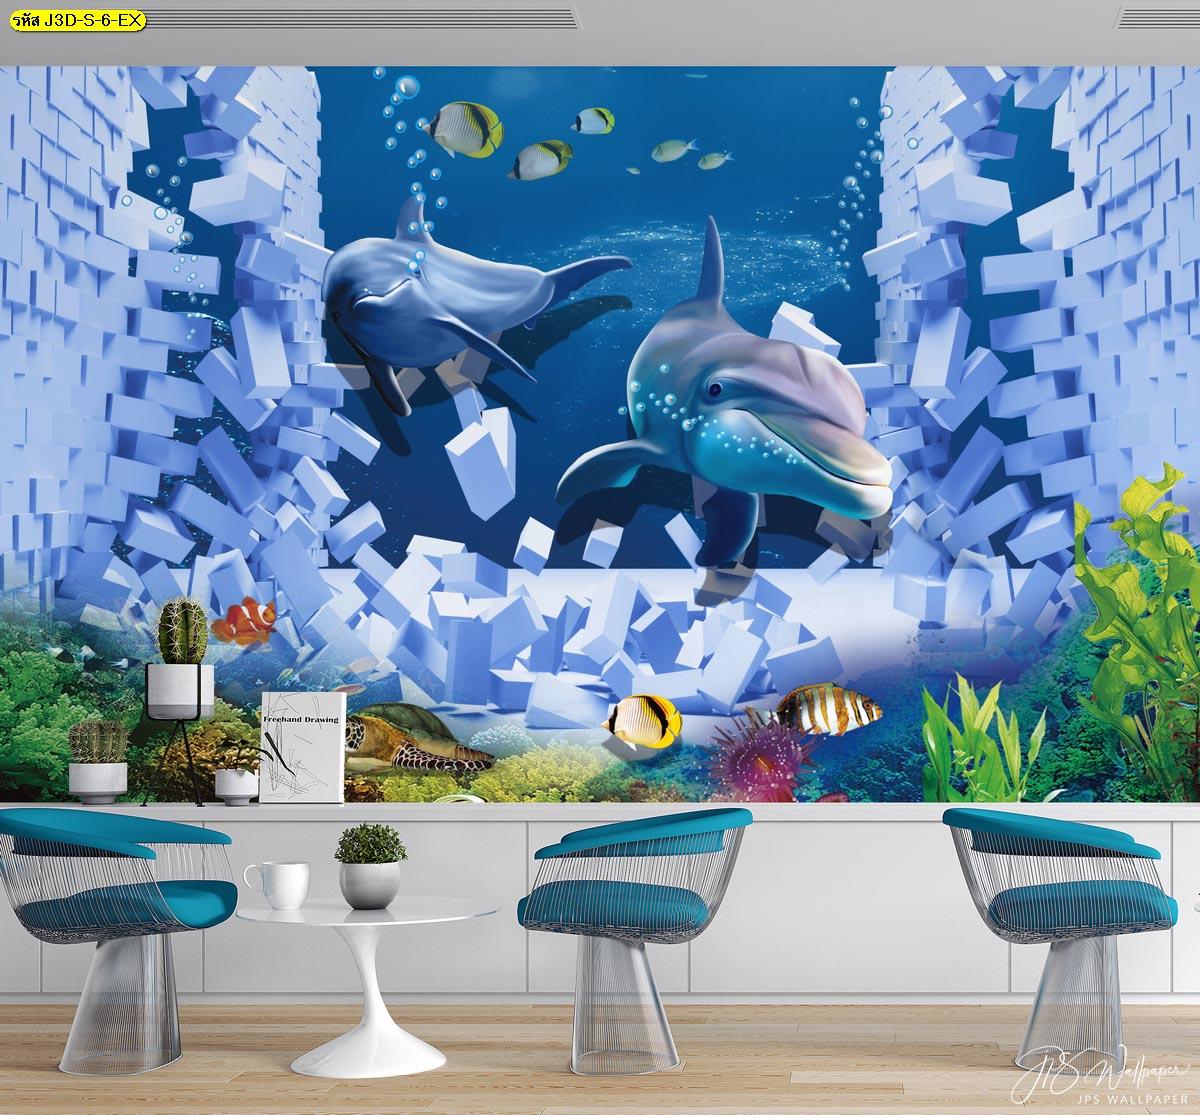 วอลเปเปอร์สามมิติลายใต้น้ำโลมาทะลุกำแพงสามมิติ แต่งห้องโทนสีฟ้า ห้องอาหารลายการ์ตูน